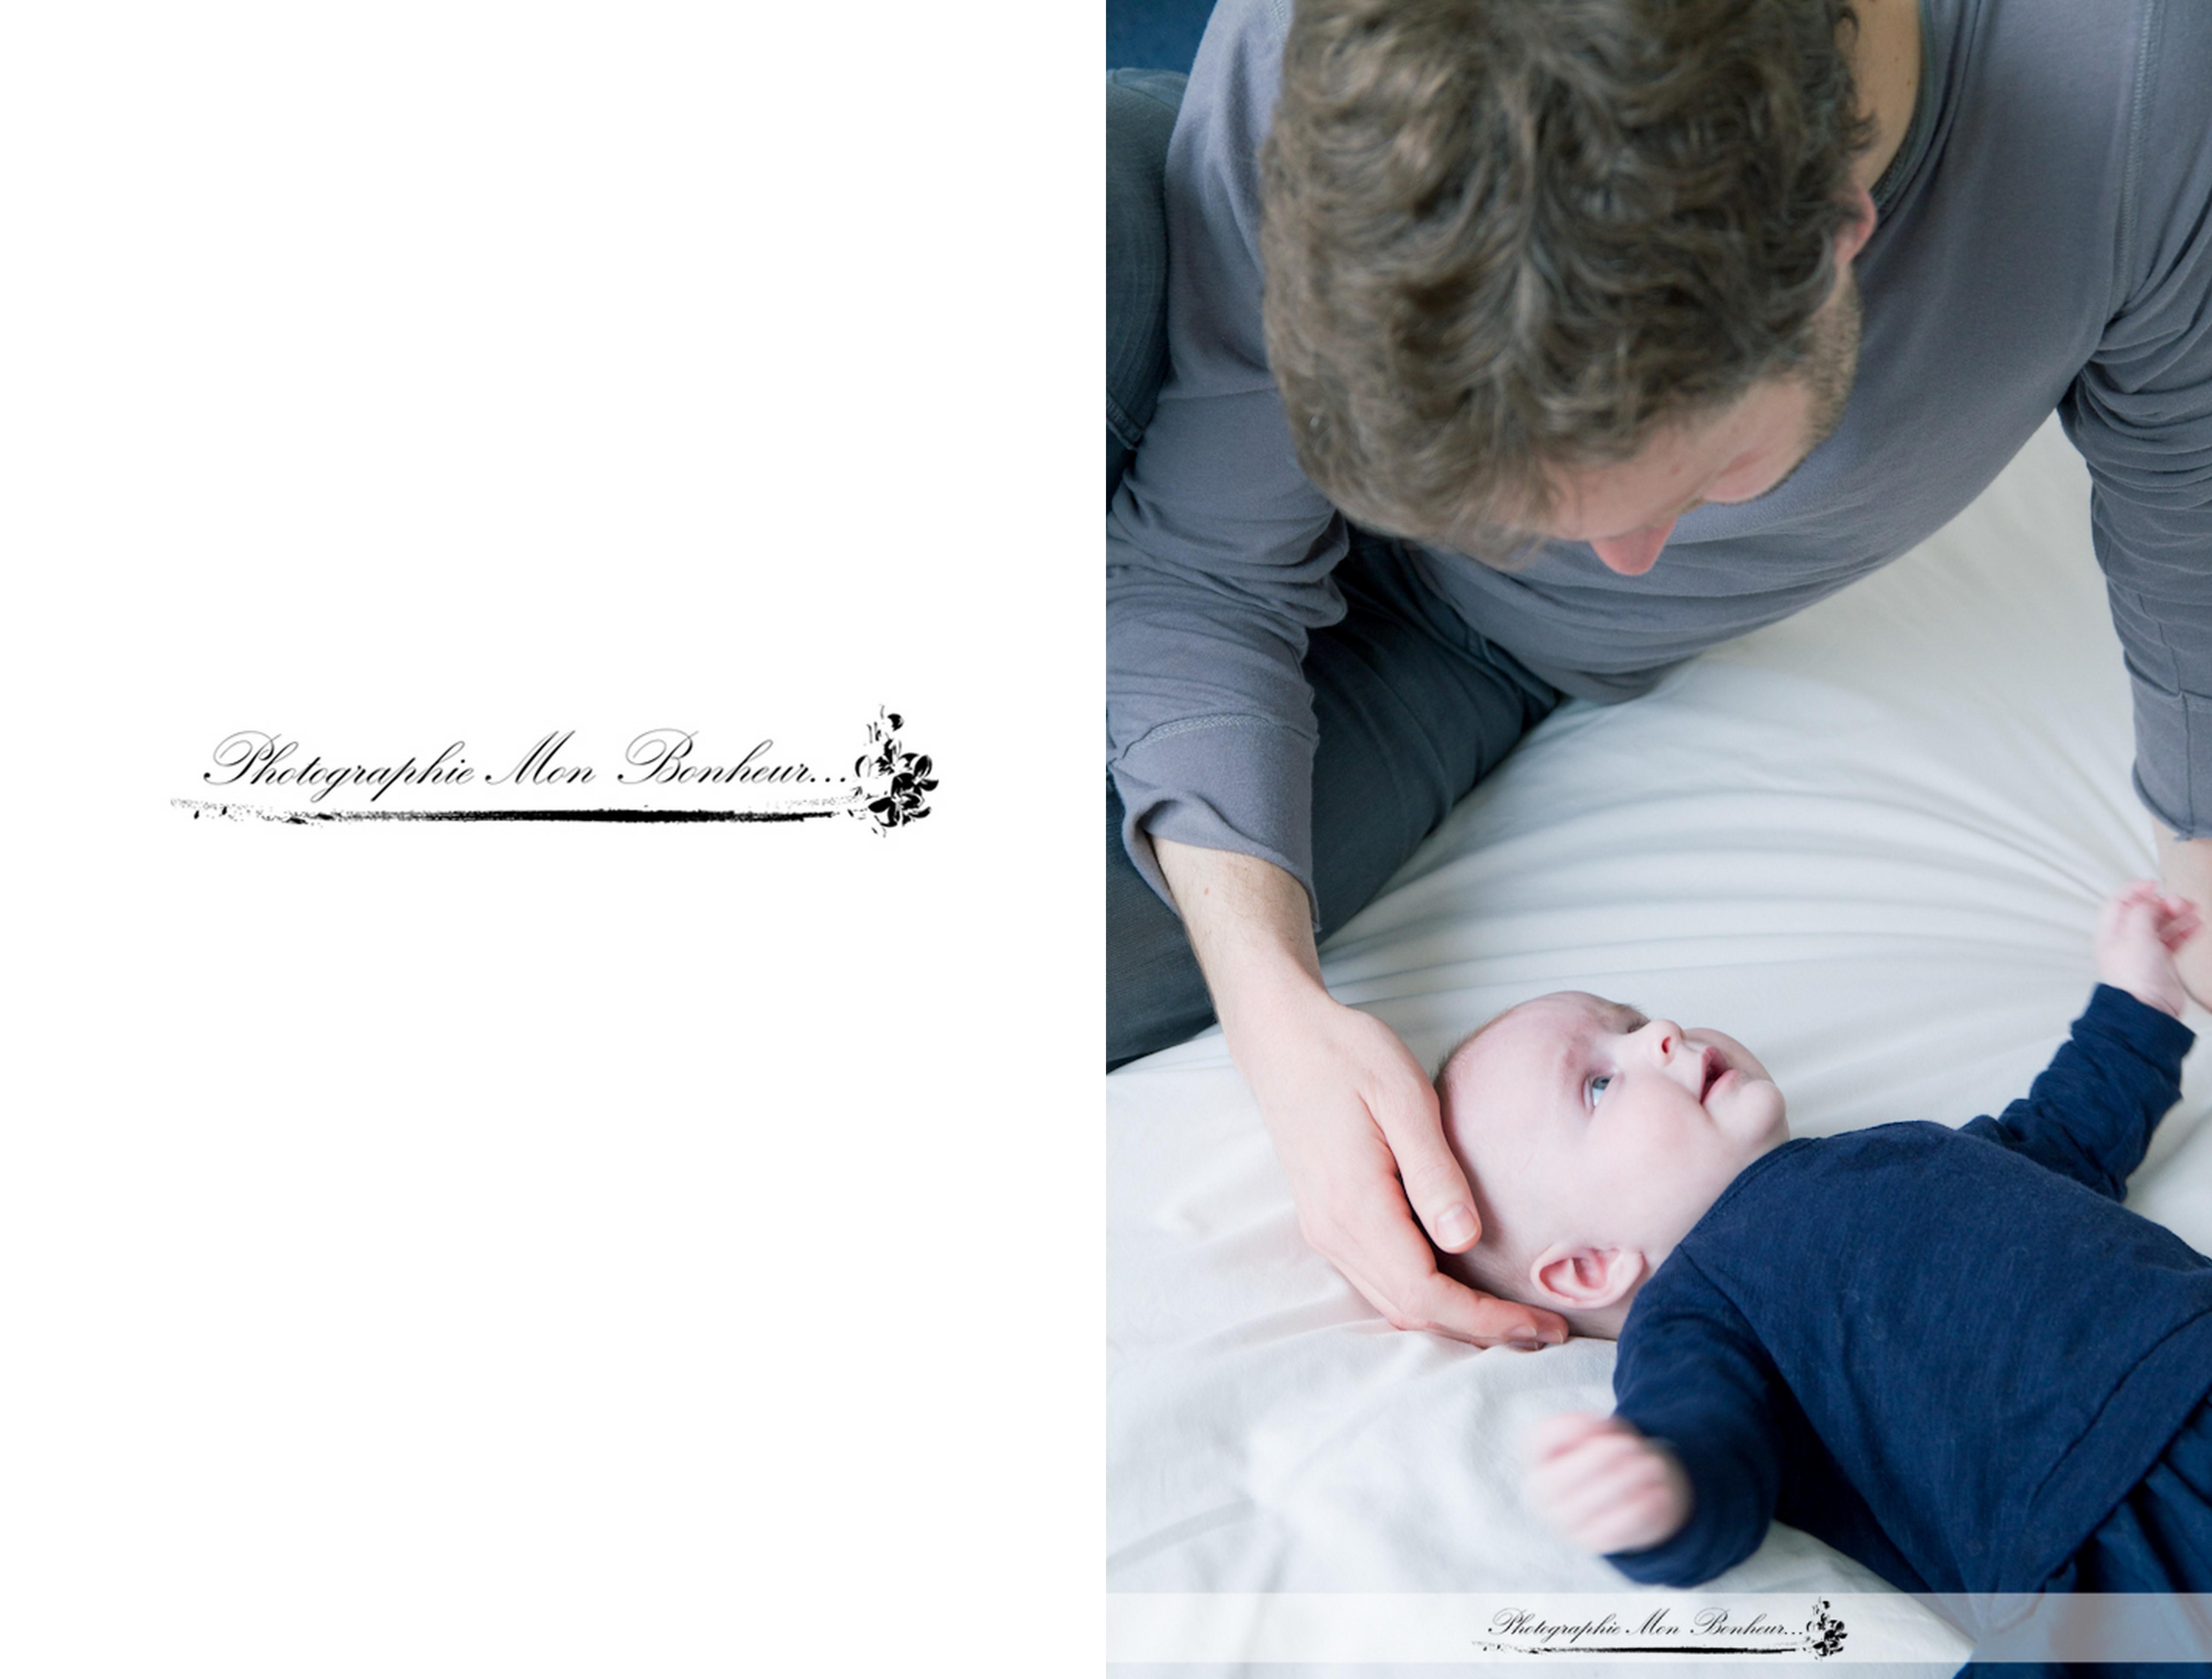 bon cadeau, bon cadeau à offrir, bon cadeau à offrir séance photo, jeunes parents, photo lumière naturelle, photo portraits, photographe à paris 12ème, photographe maternité Paris Porte Dorée, séance photo